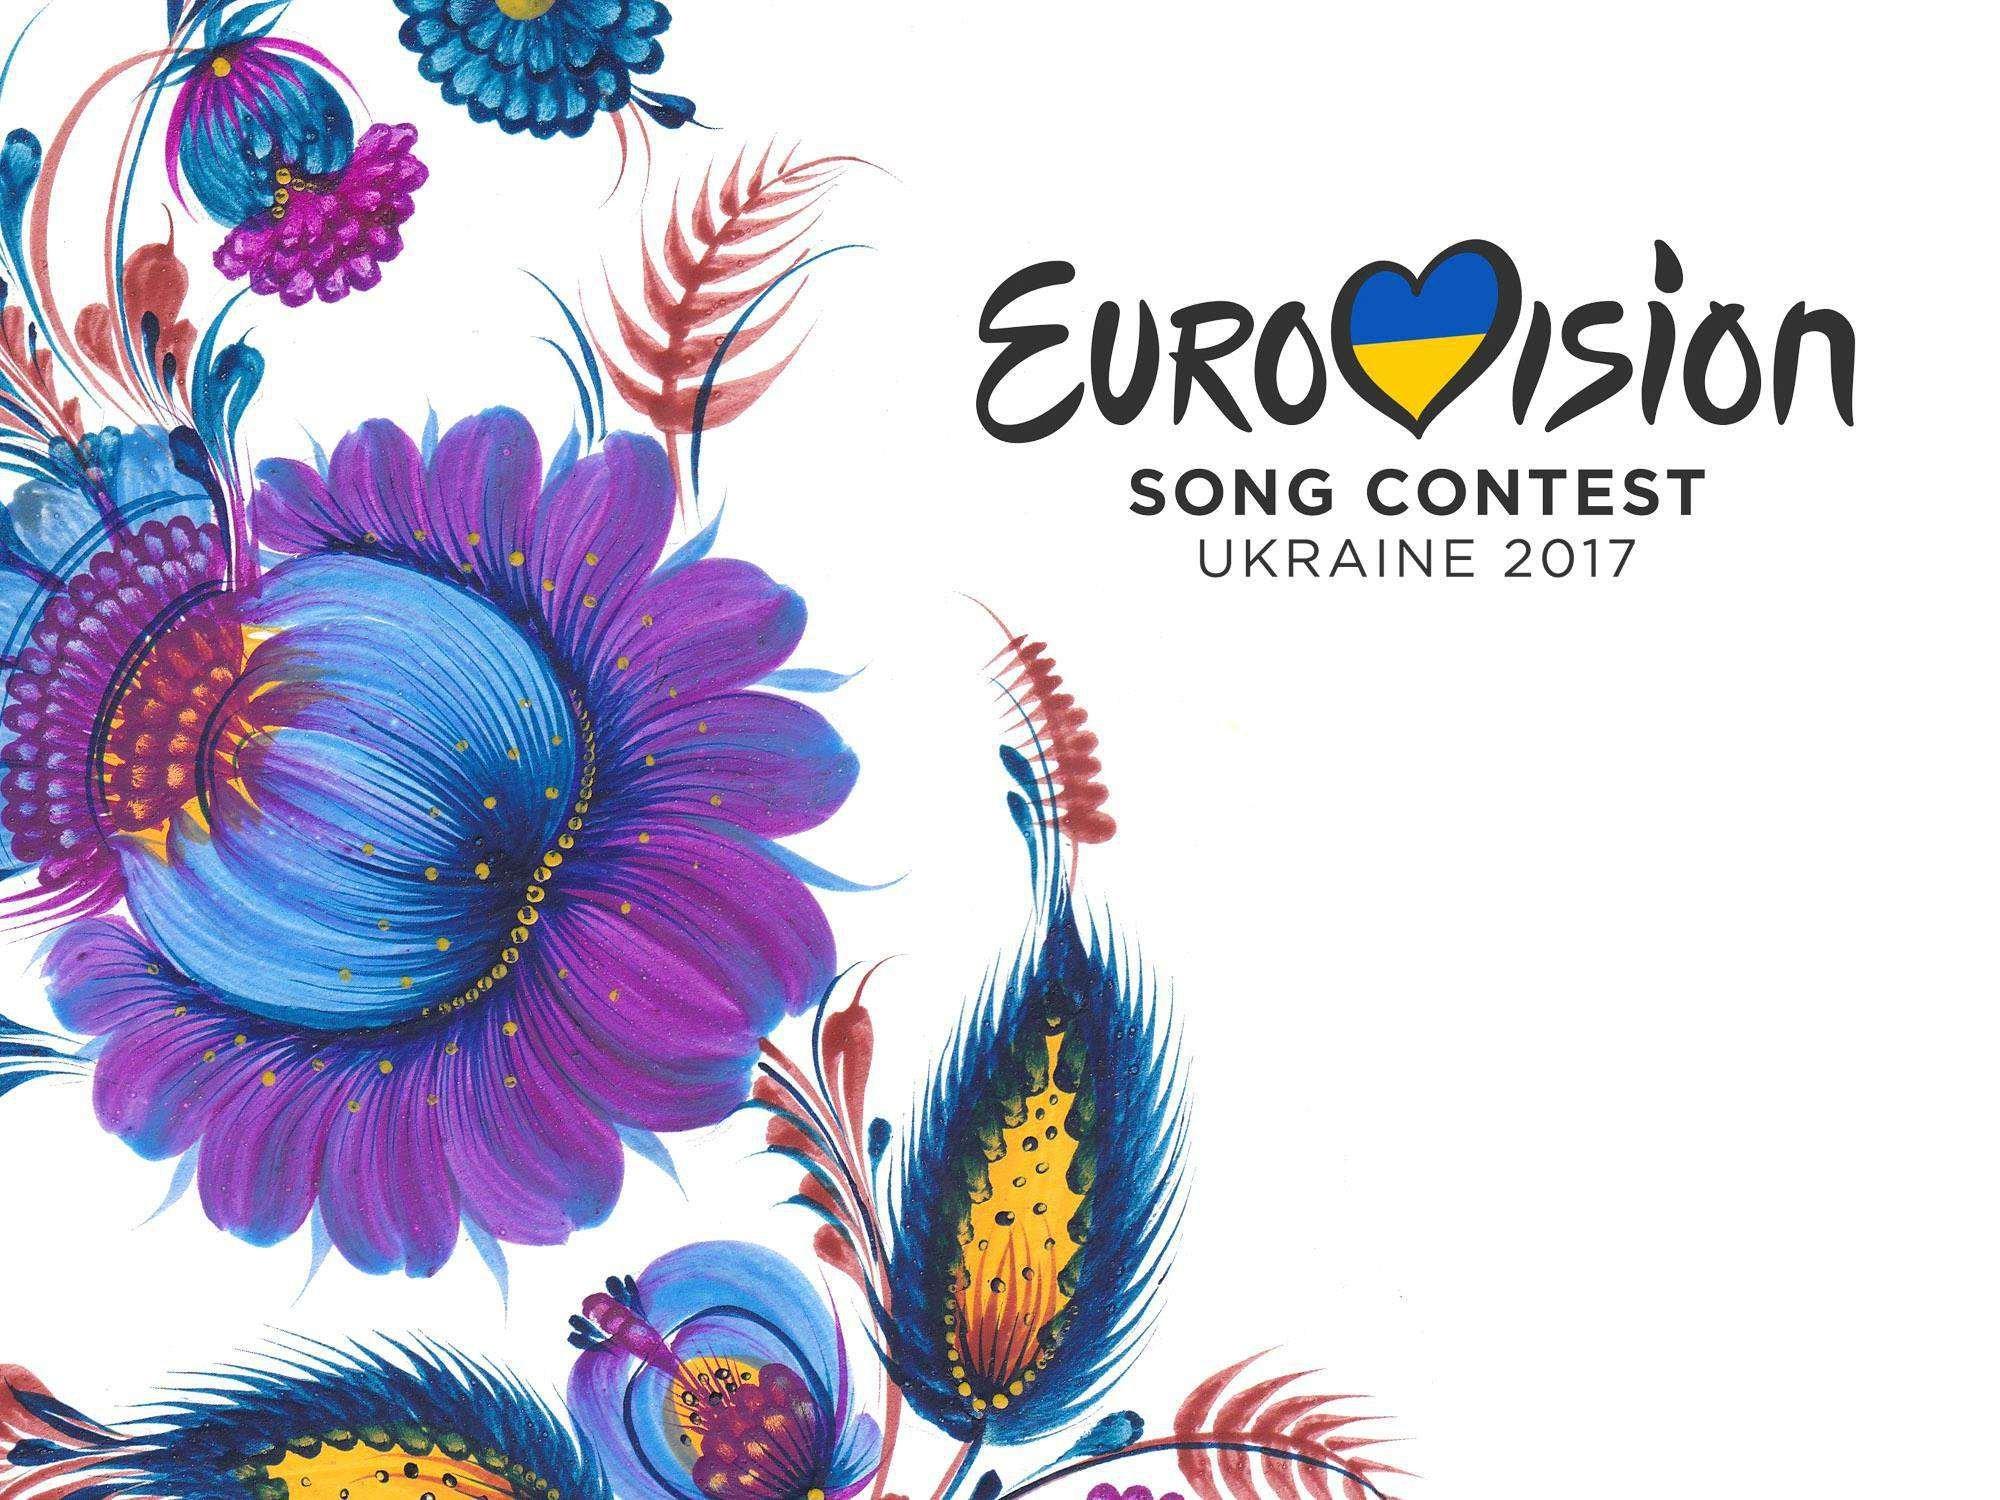 Букмекеры изменили прогноз относительно победителя Евровидения